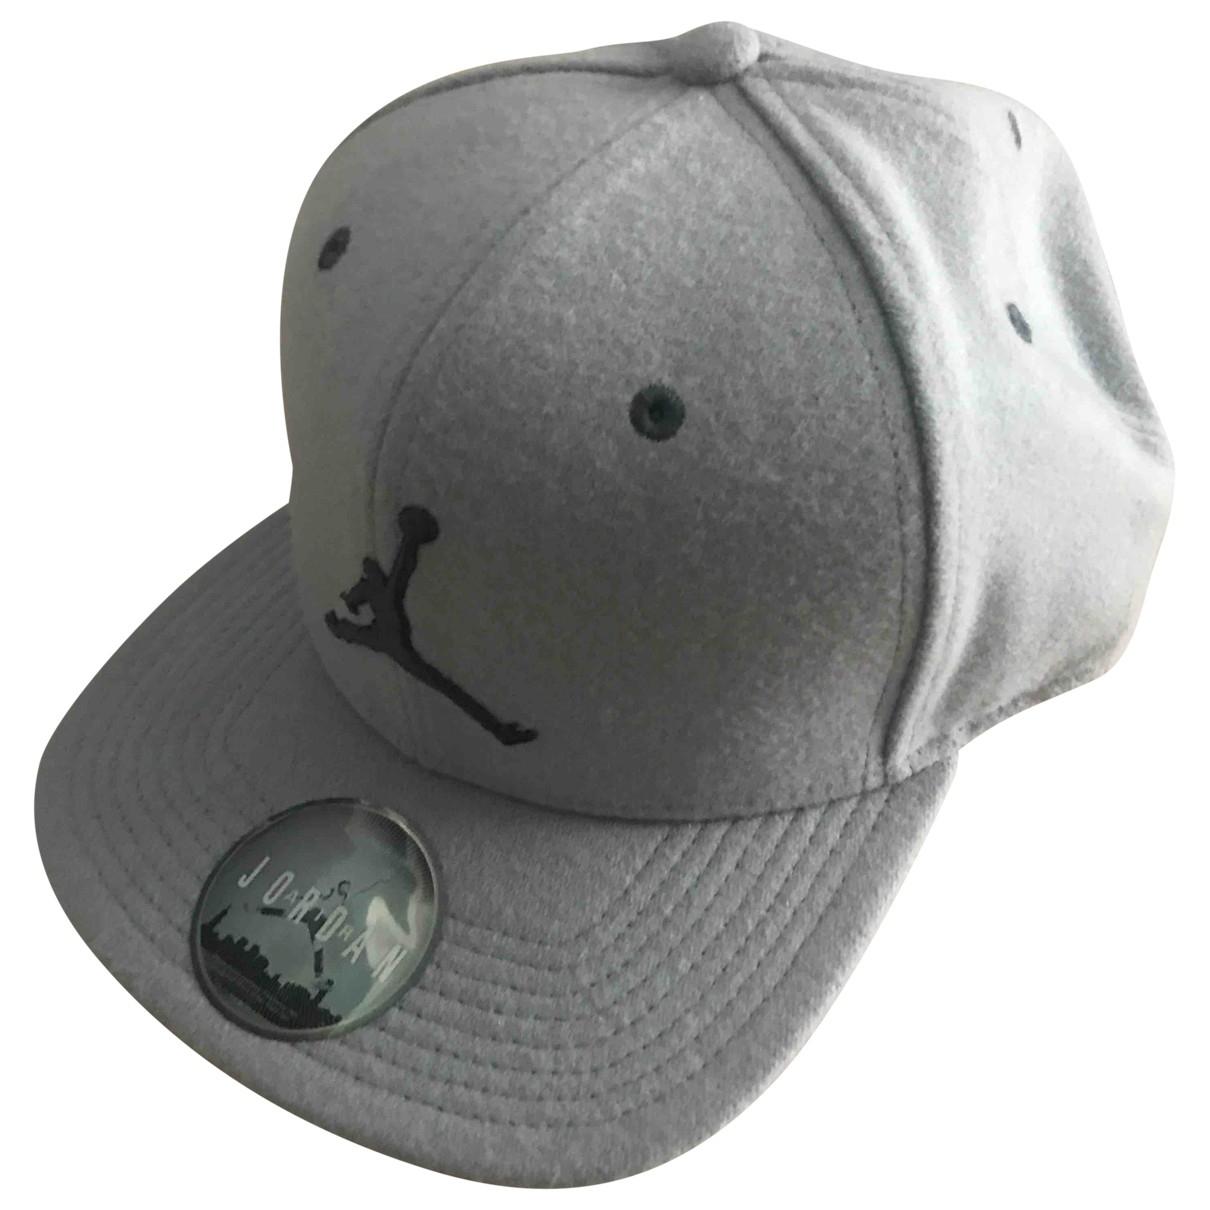 Sombrero / gorro de Lana Jordan